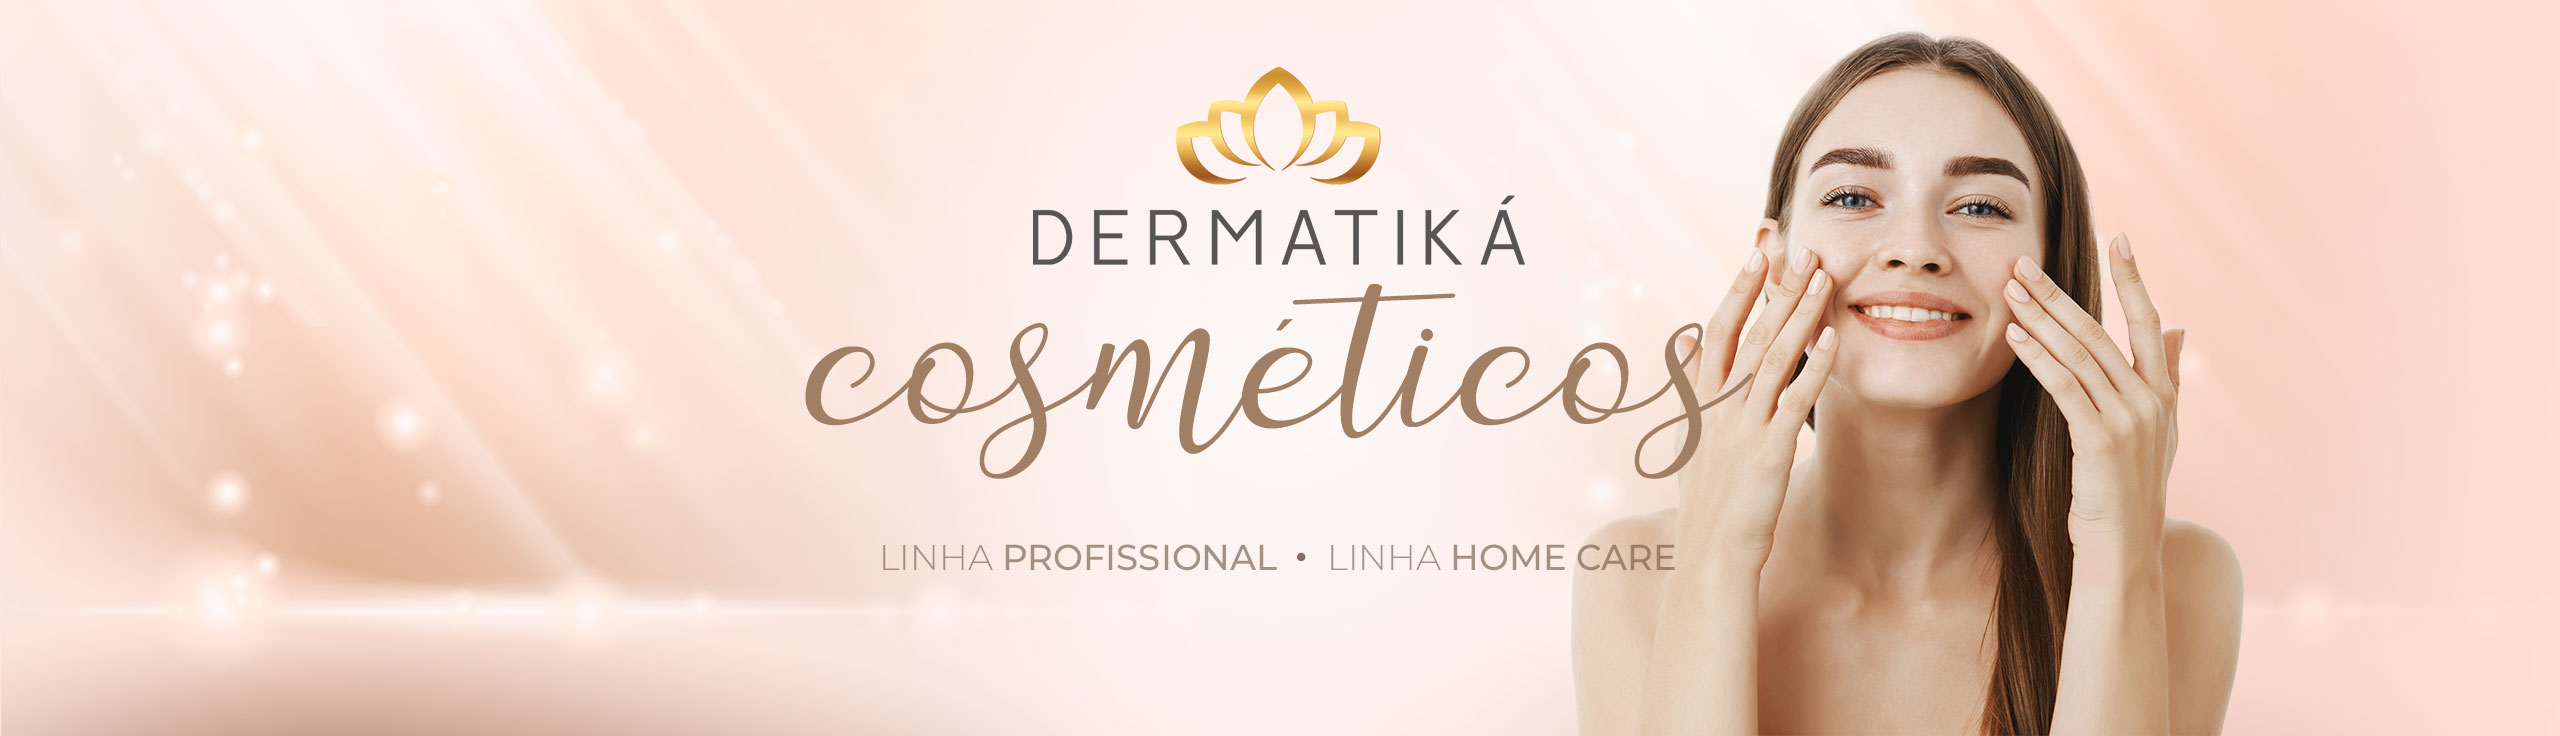 Cosmeticos Dermatika